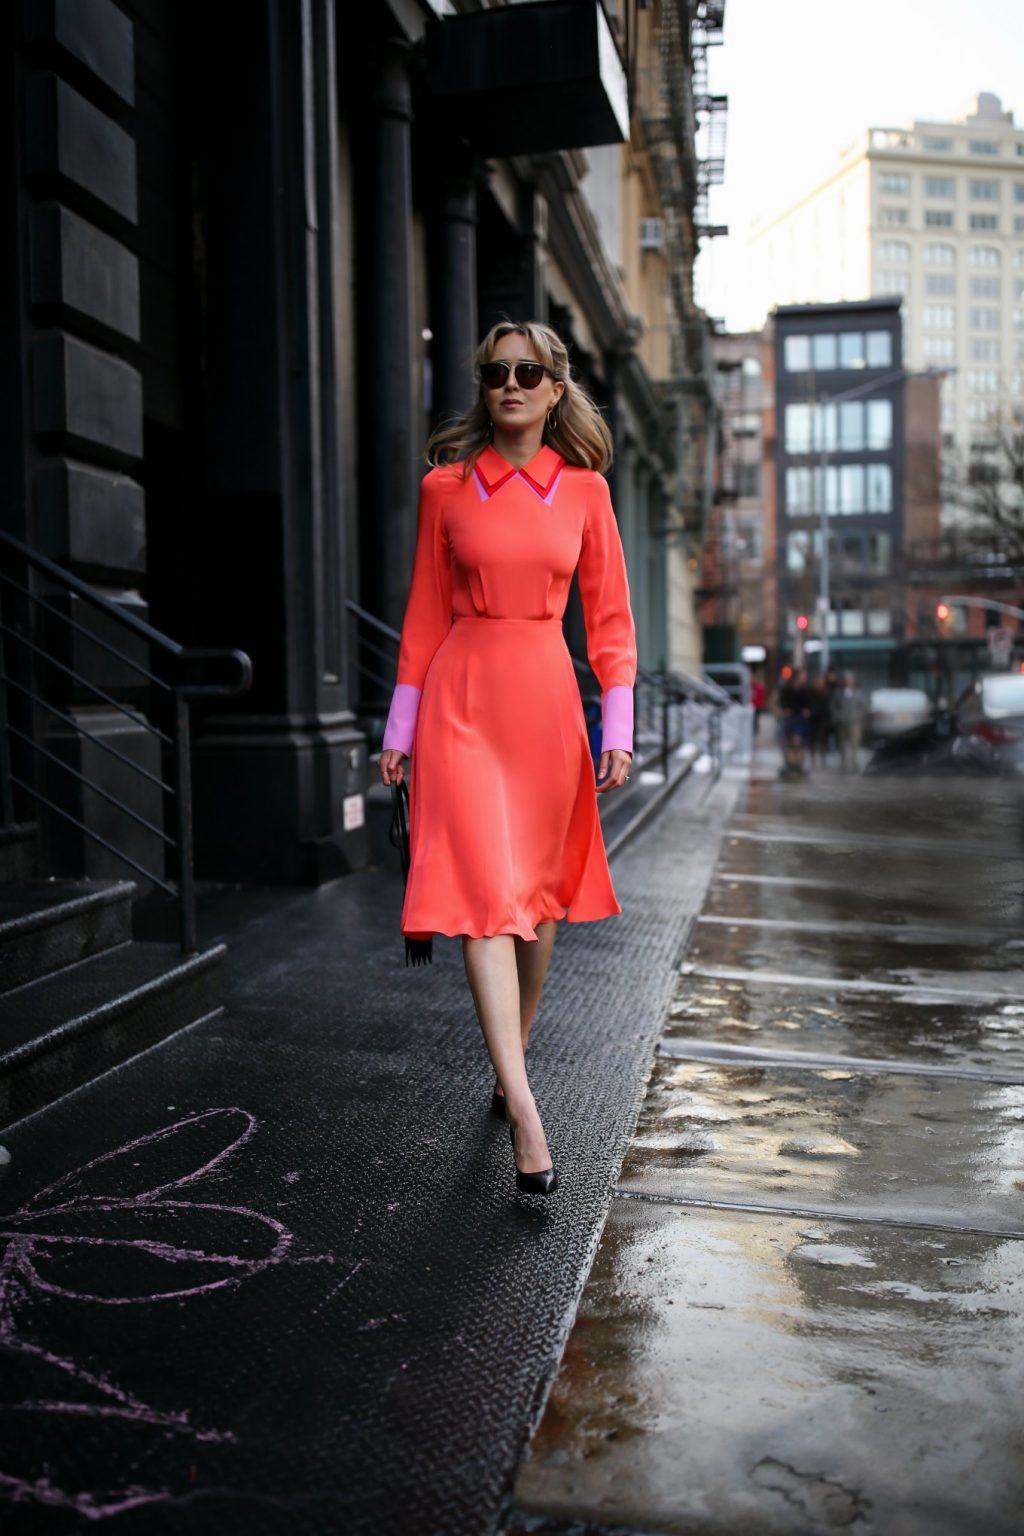 xu hướng màu cam san hô street style